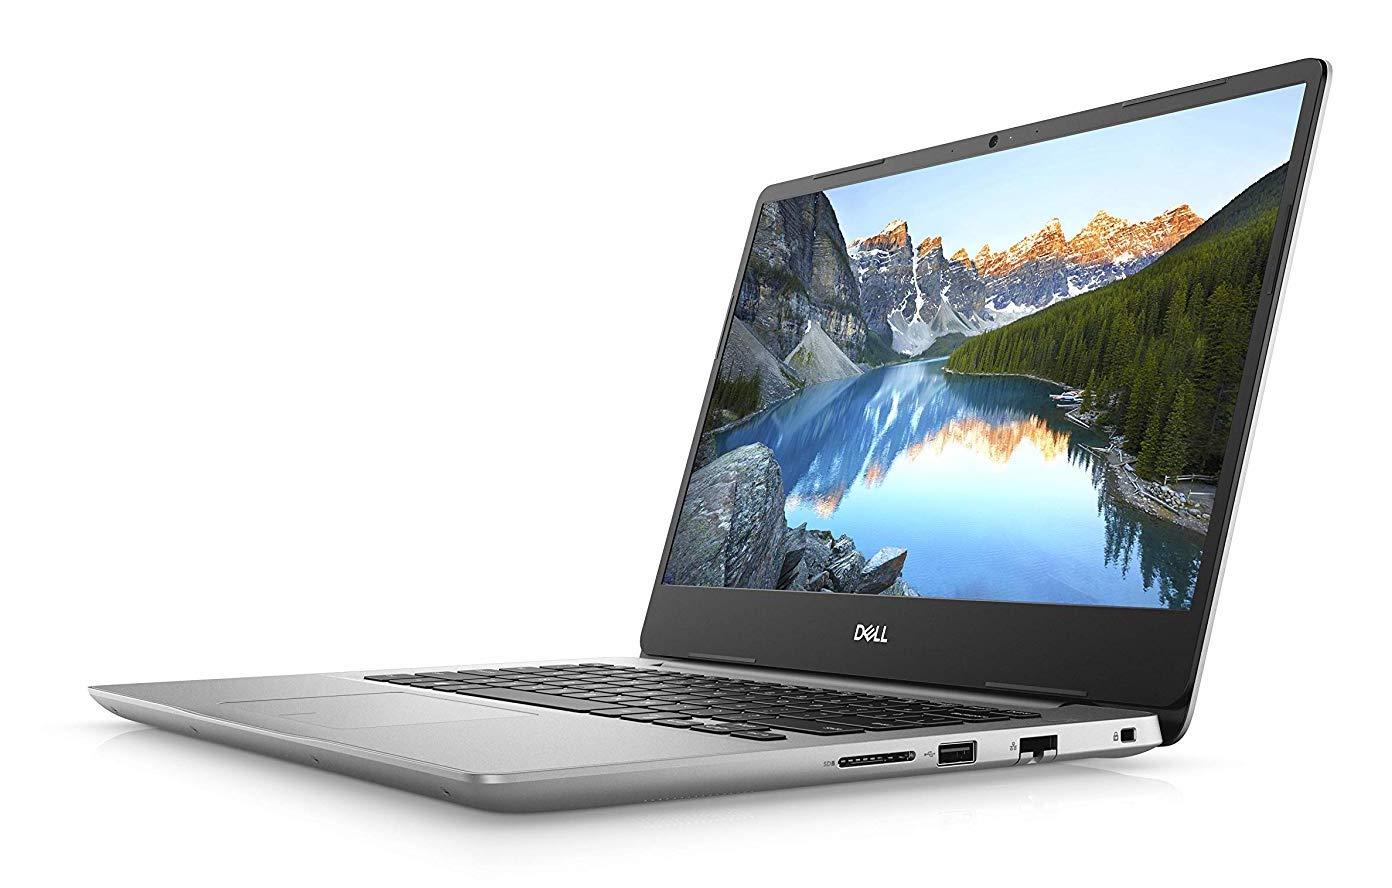 Dell Inspiron 14 5480, 14 pouces multimédia MX250 (779€)